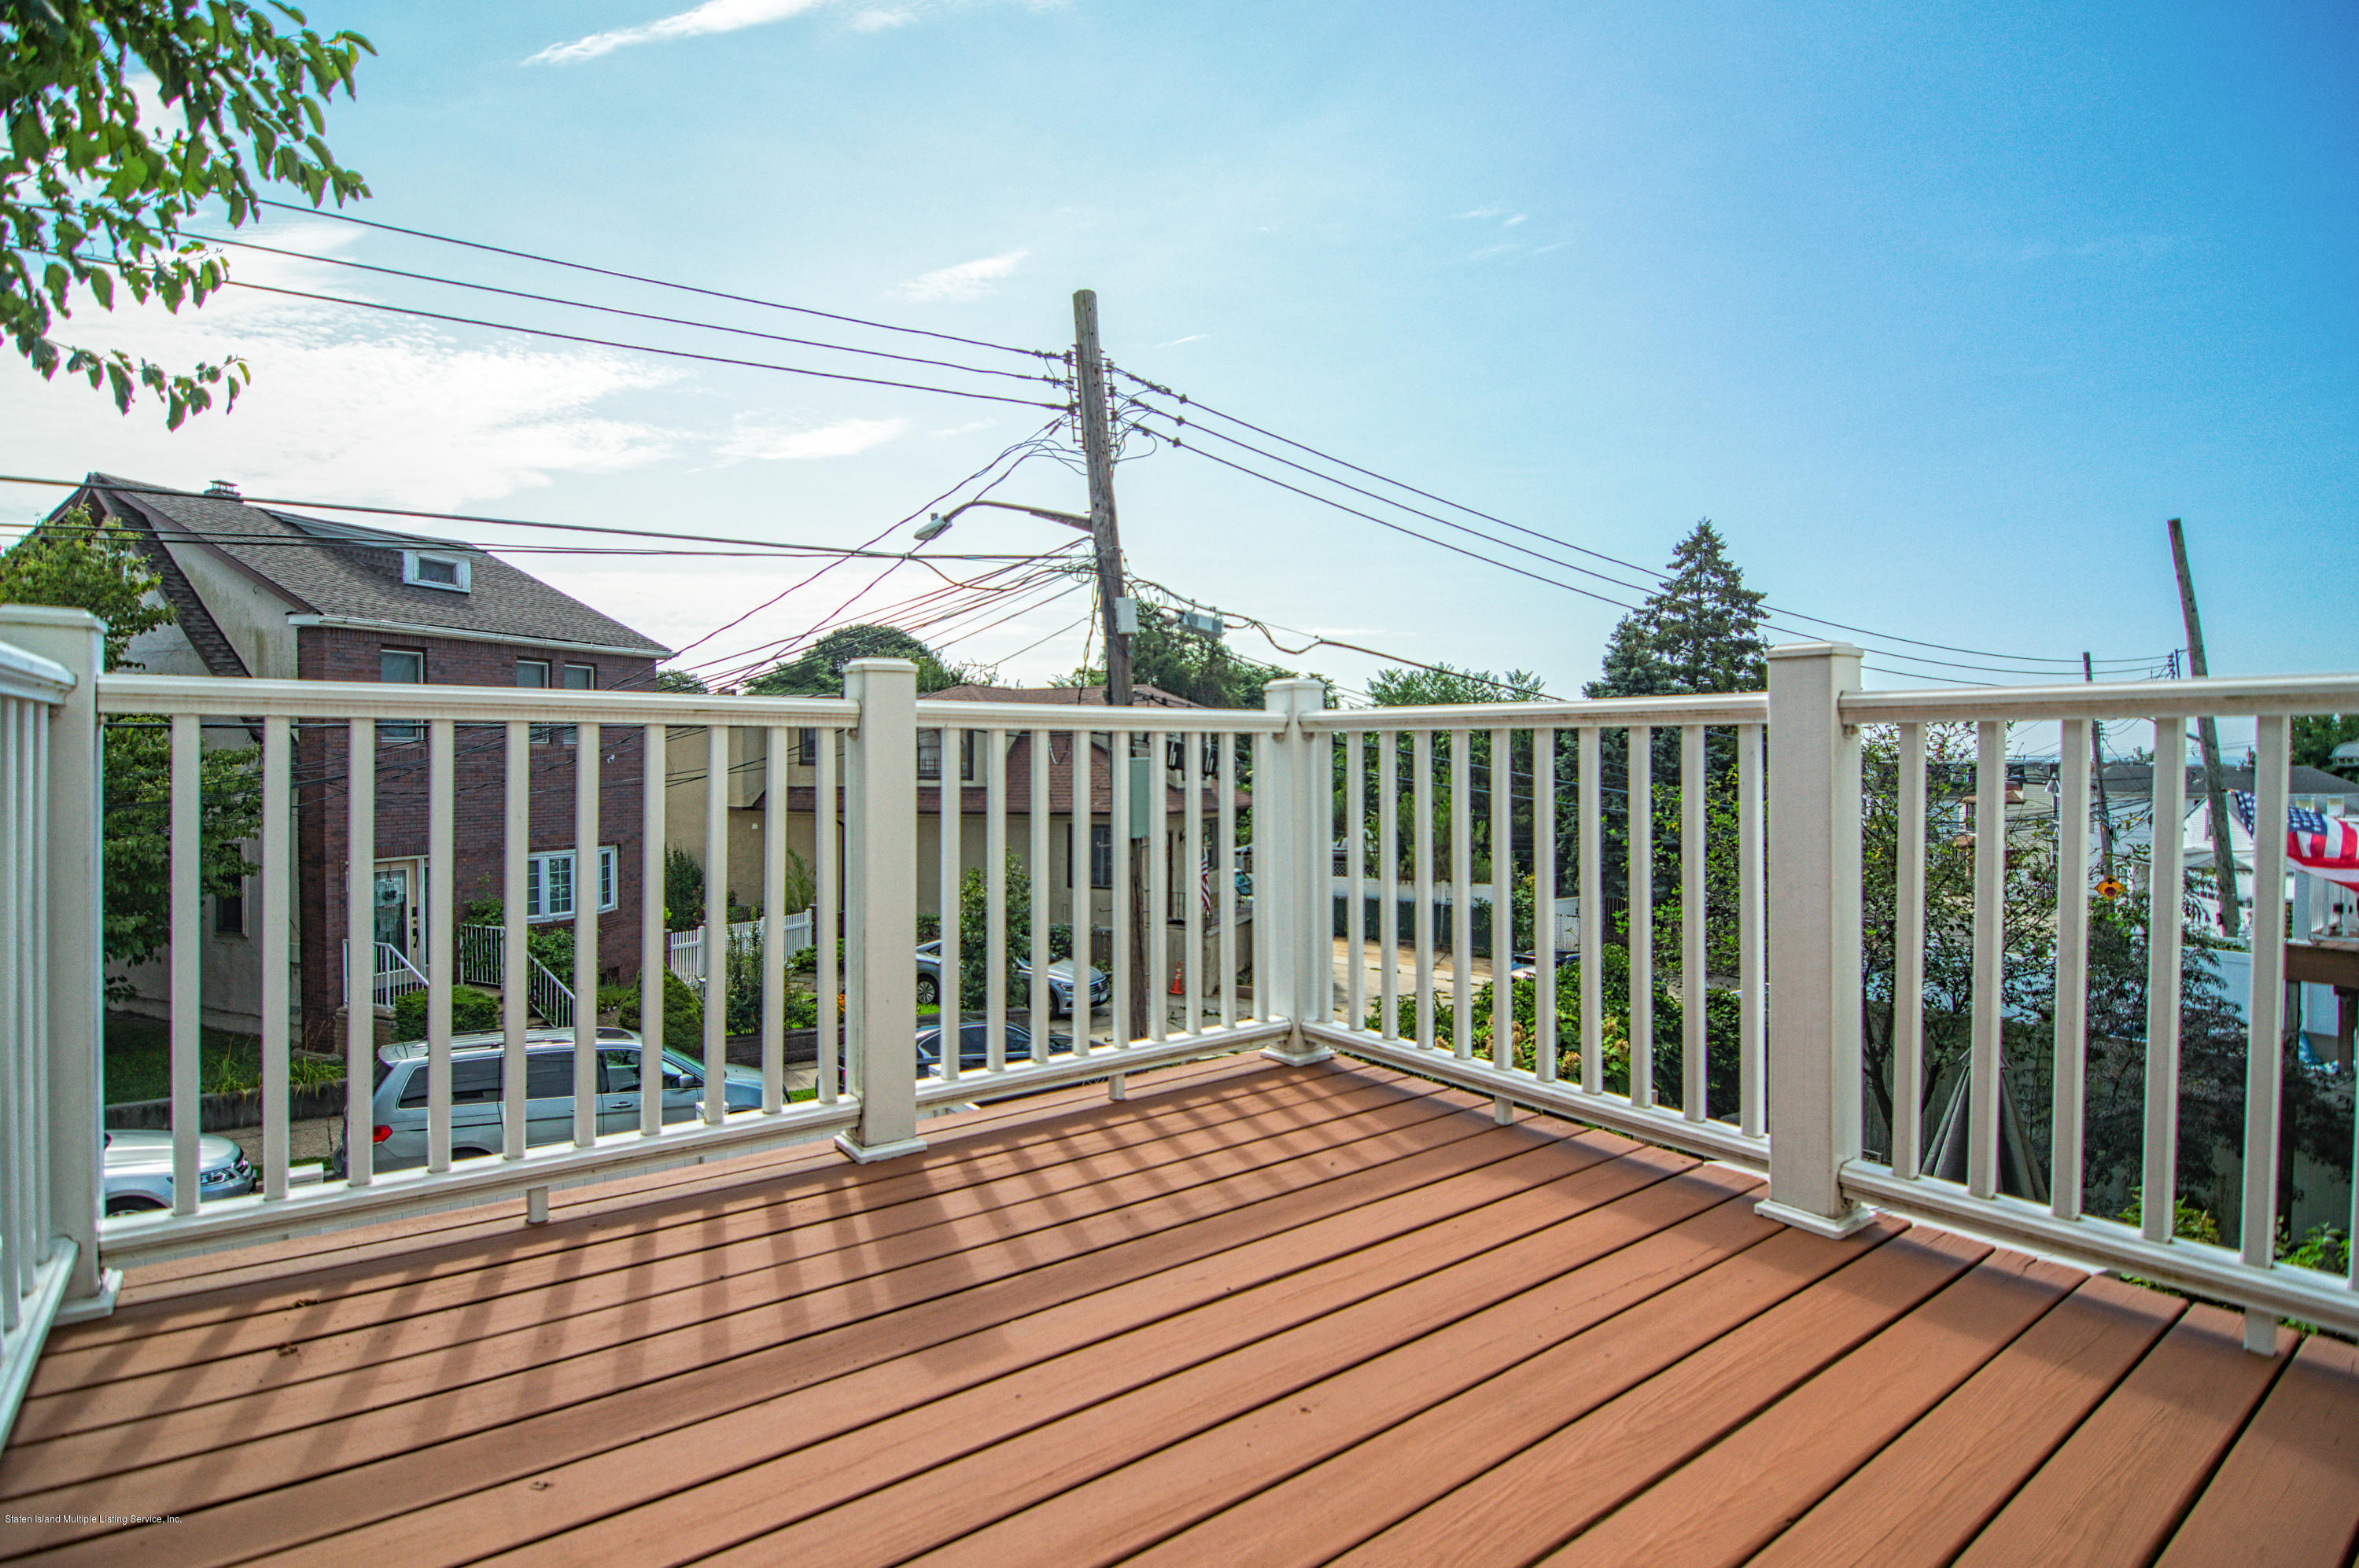 Single Family - Semi-Attached 87 Retner Street  Staten Island, NY 10305, MLS-1130963-13